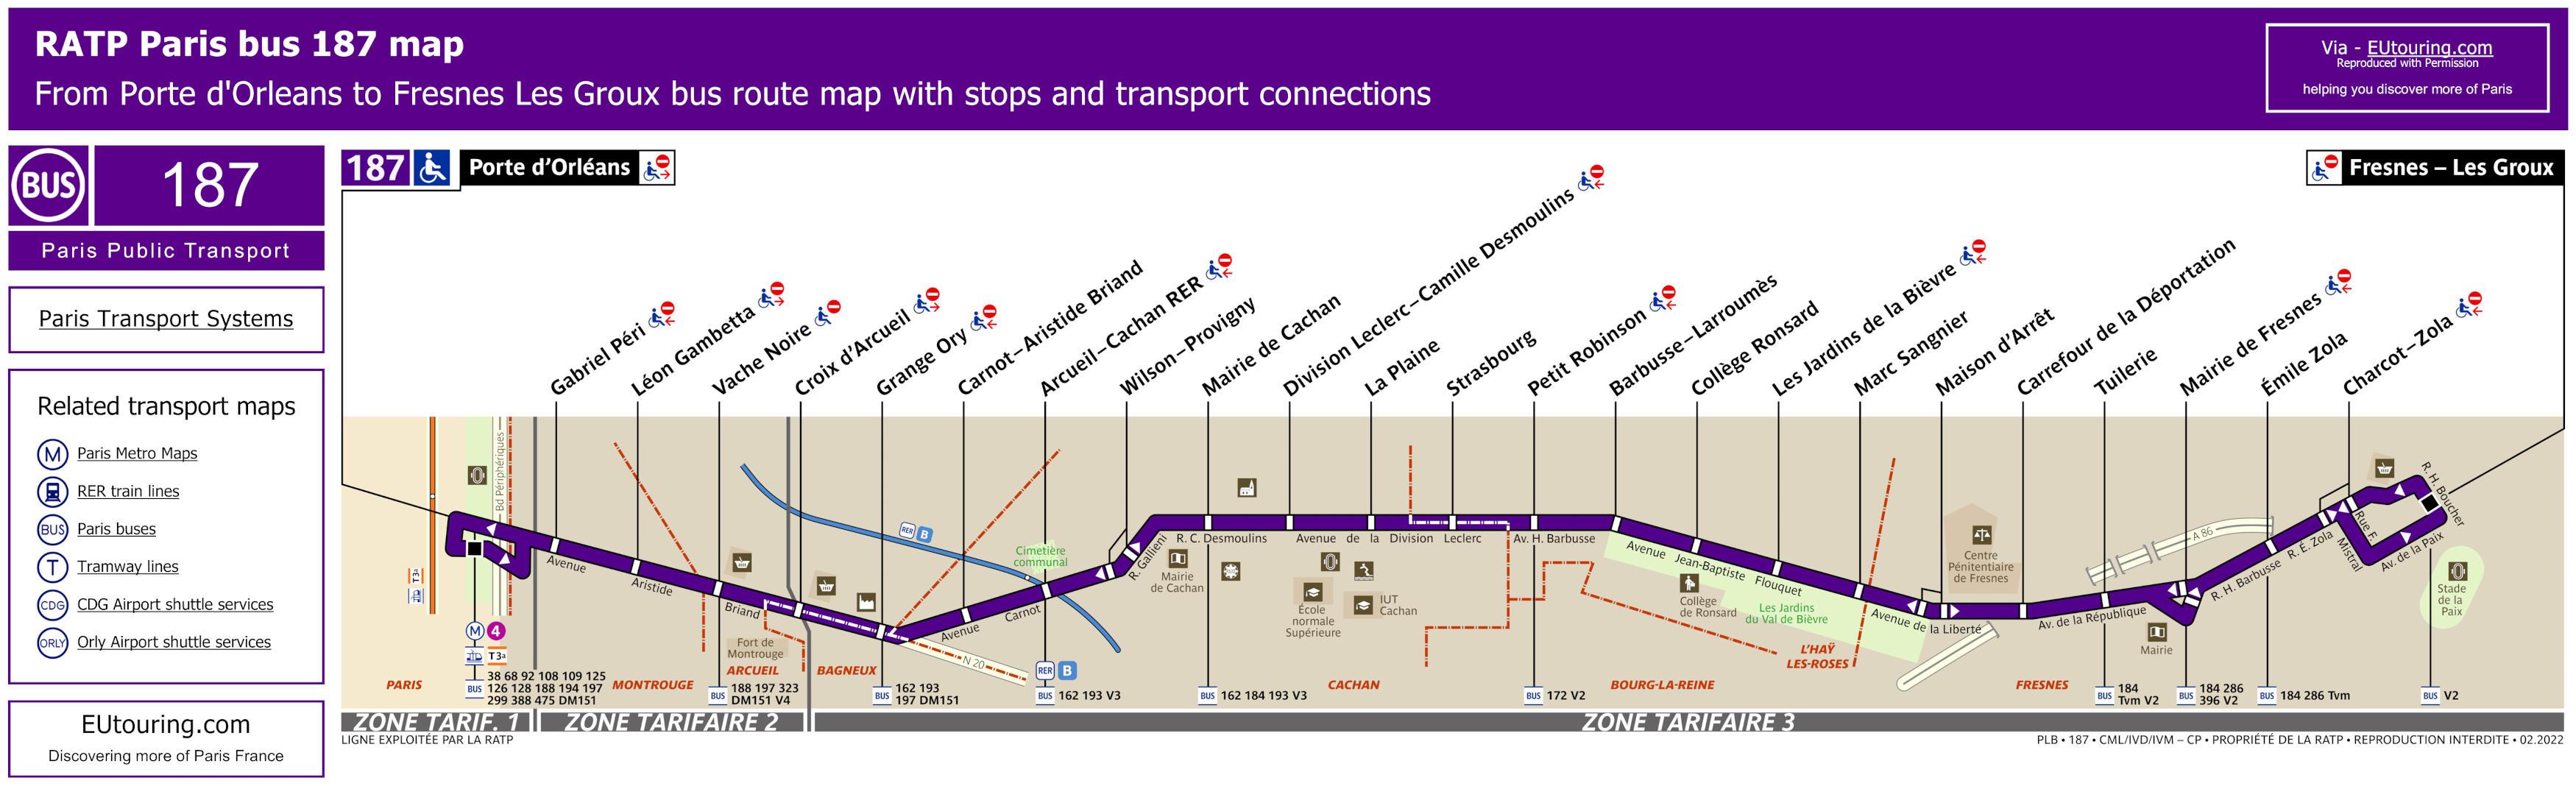 RATP bus maps, timetables for Paris bus lines 180 to 189